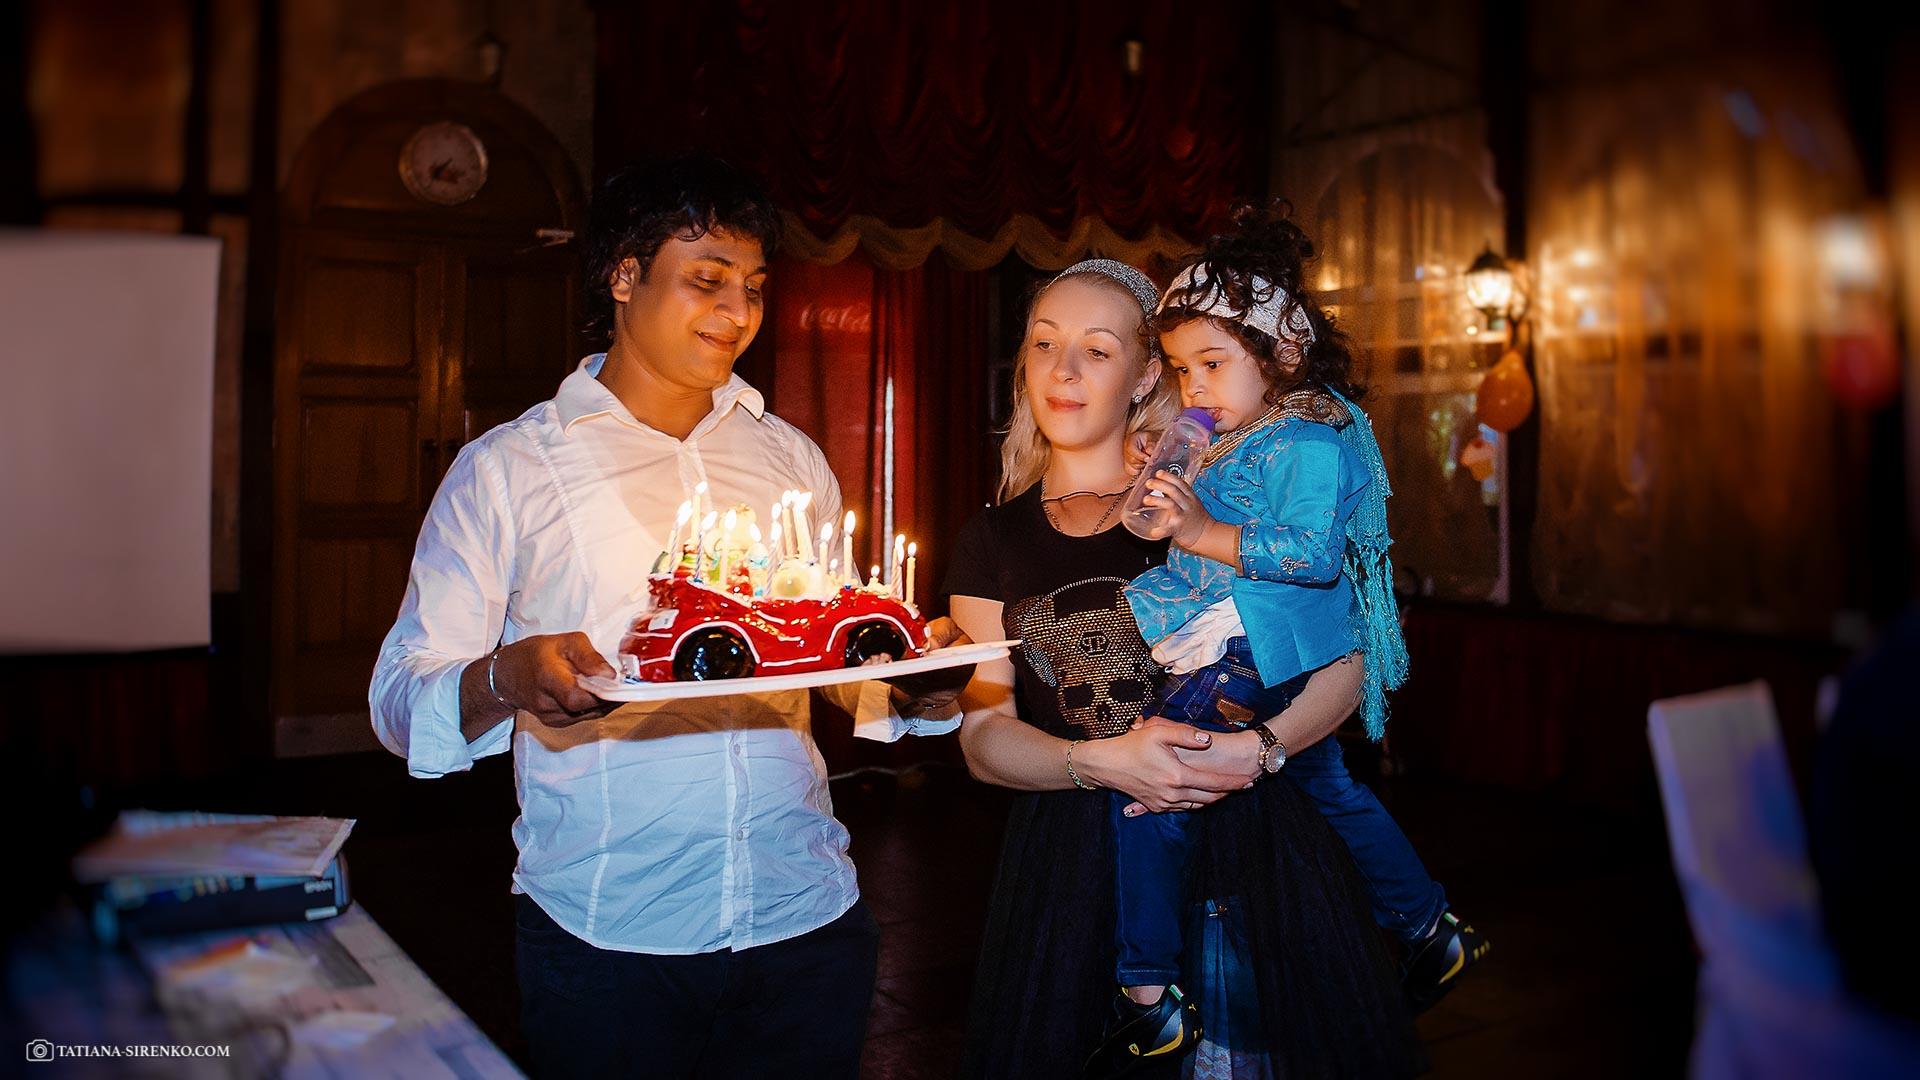 Заказать фотографа на день рождения в Киеве